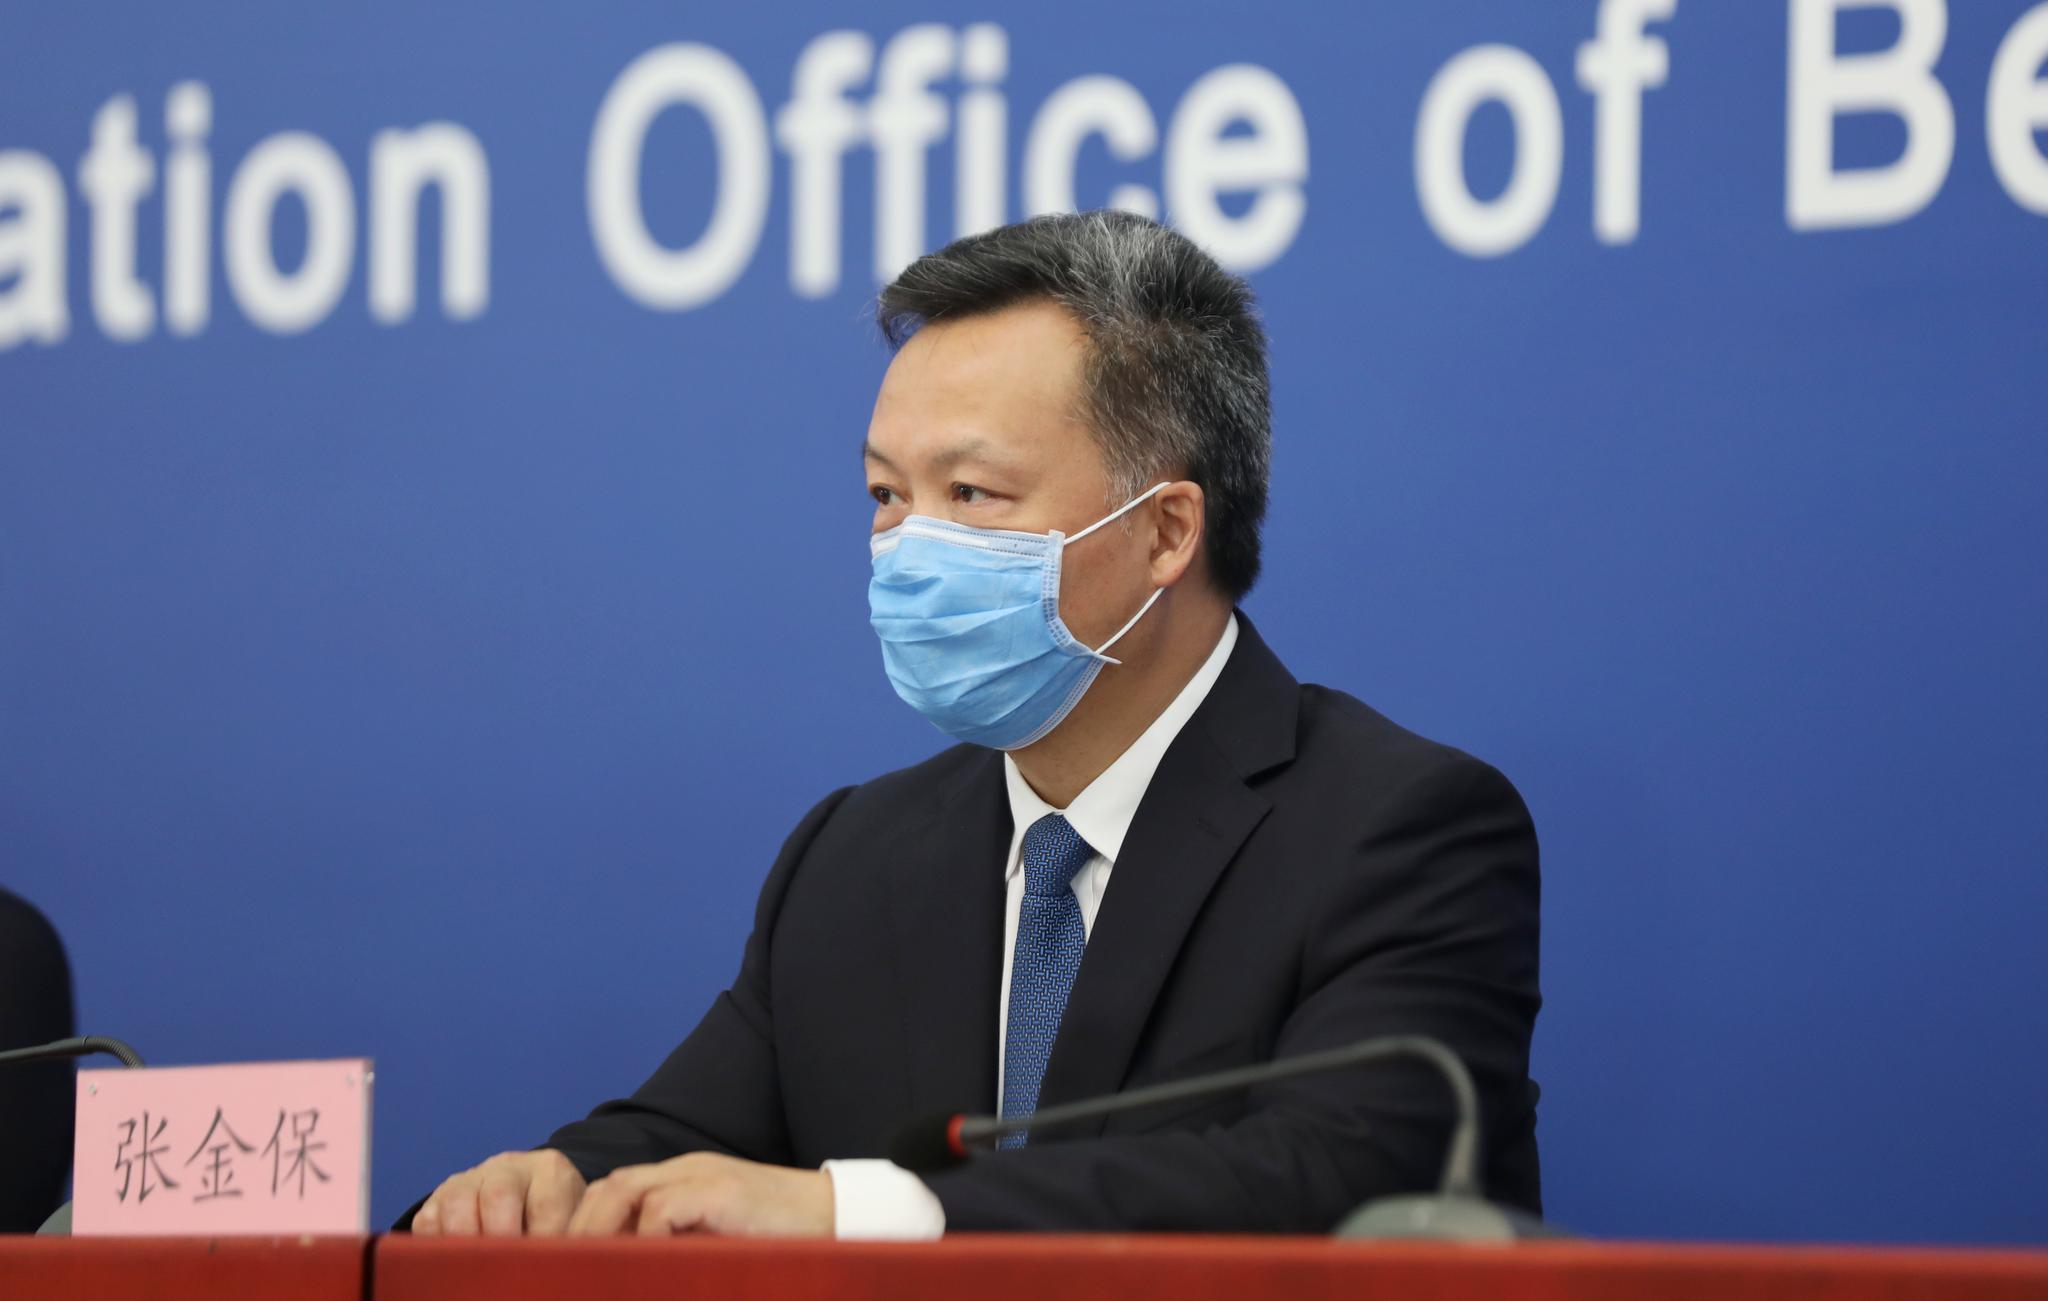 都城医科大学隶属北京向阳医院党委书记、理事长张金保参加发布会并先容情形。新京报记者 王飞 摄